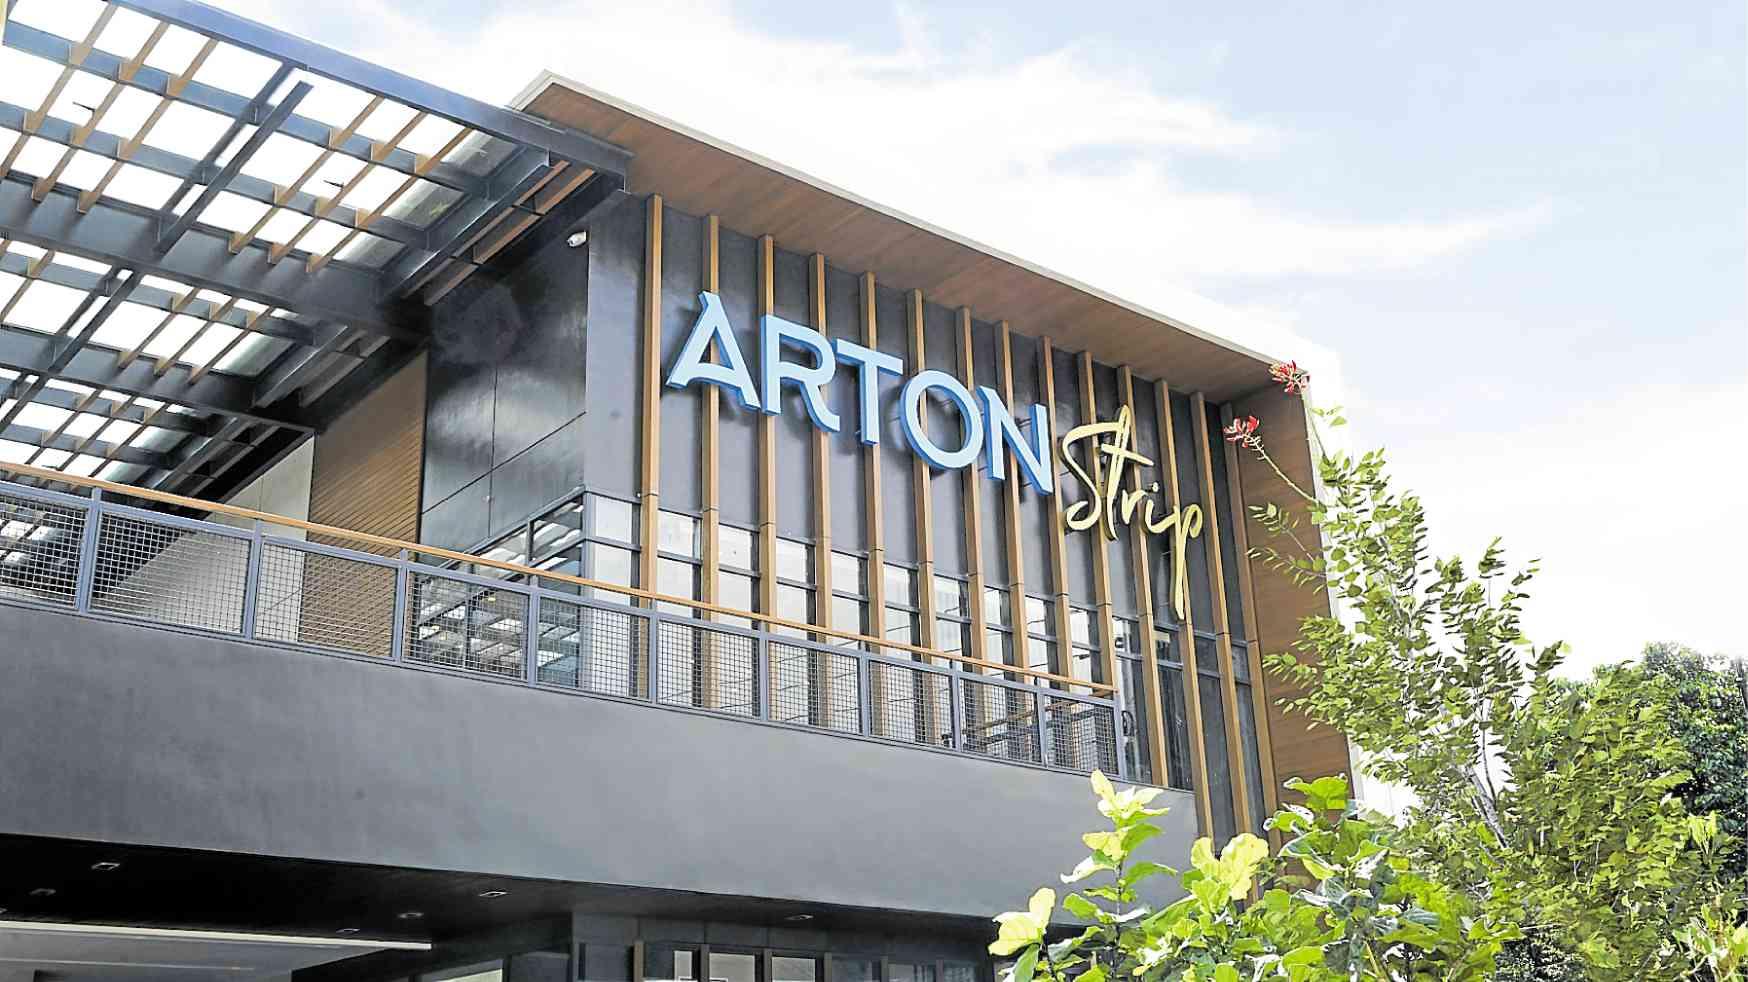 The Arton | Arton Strip